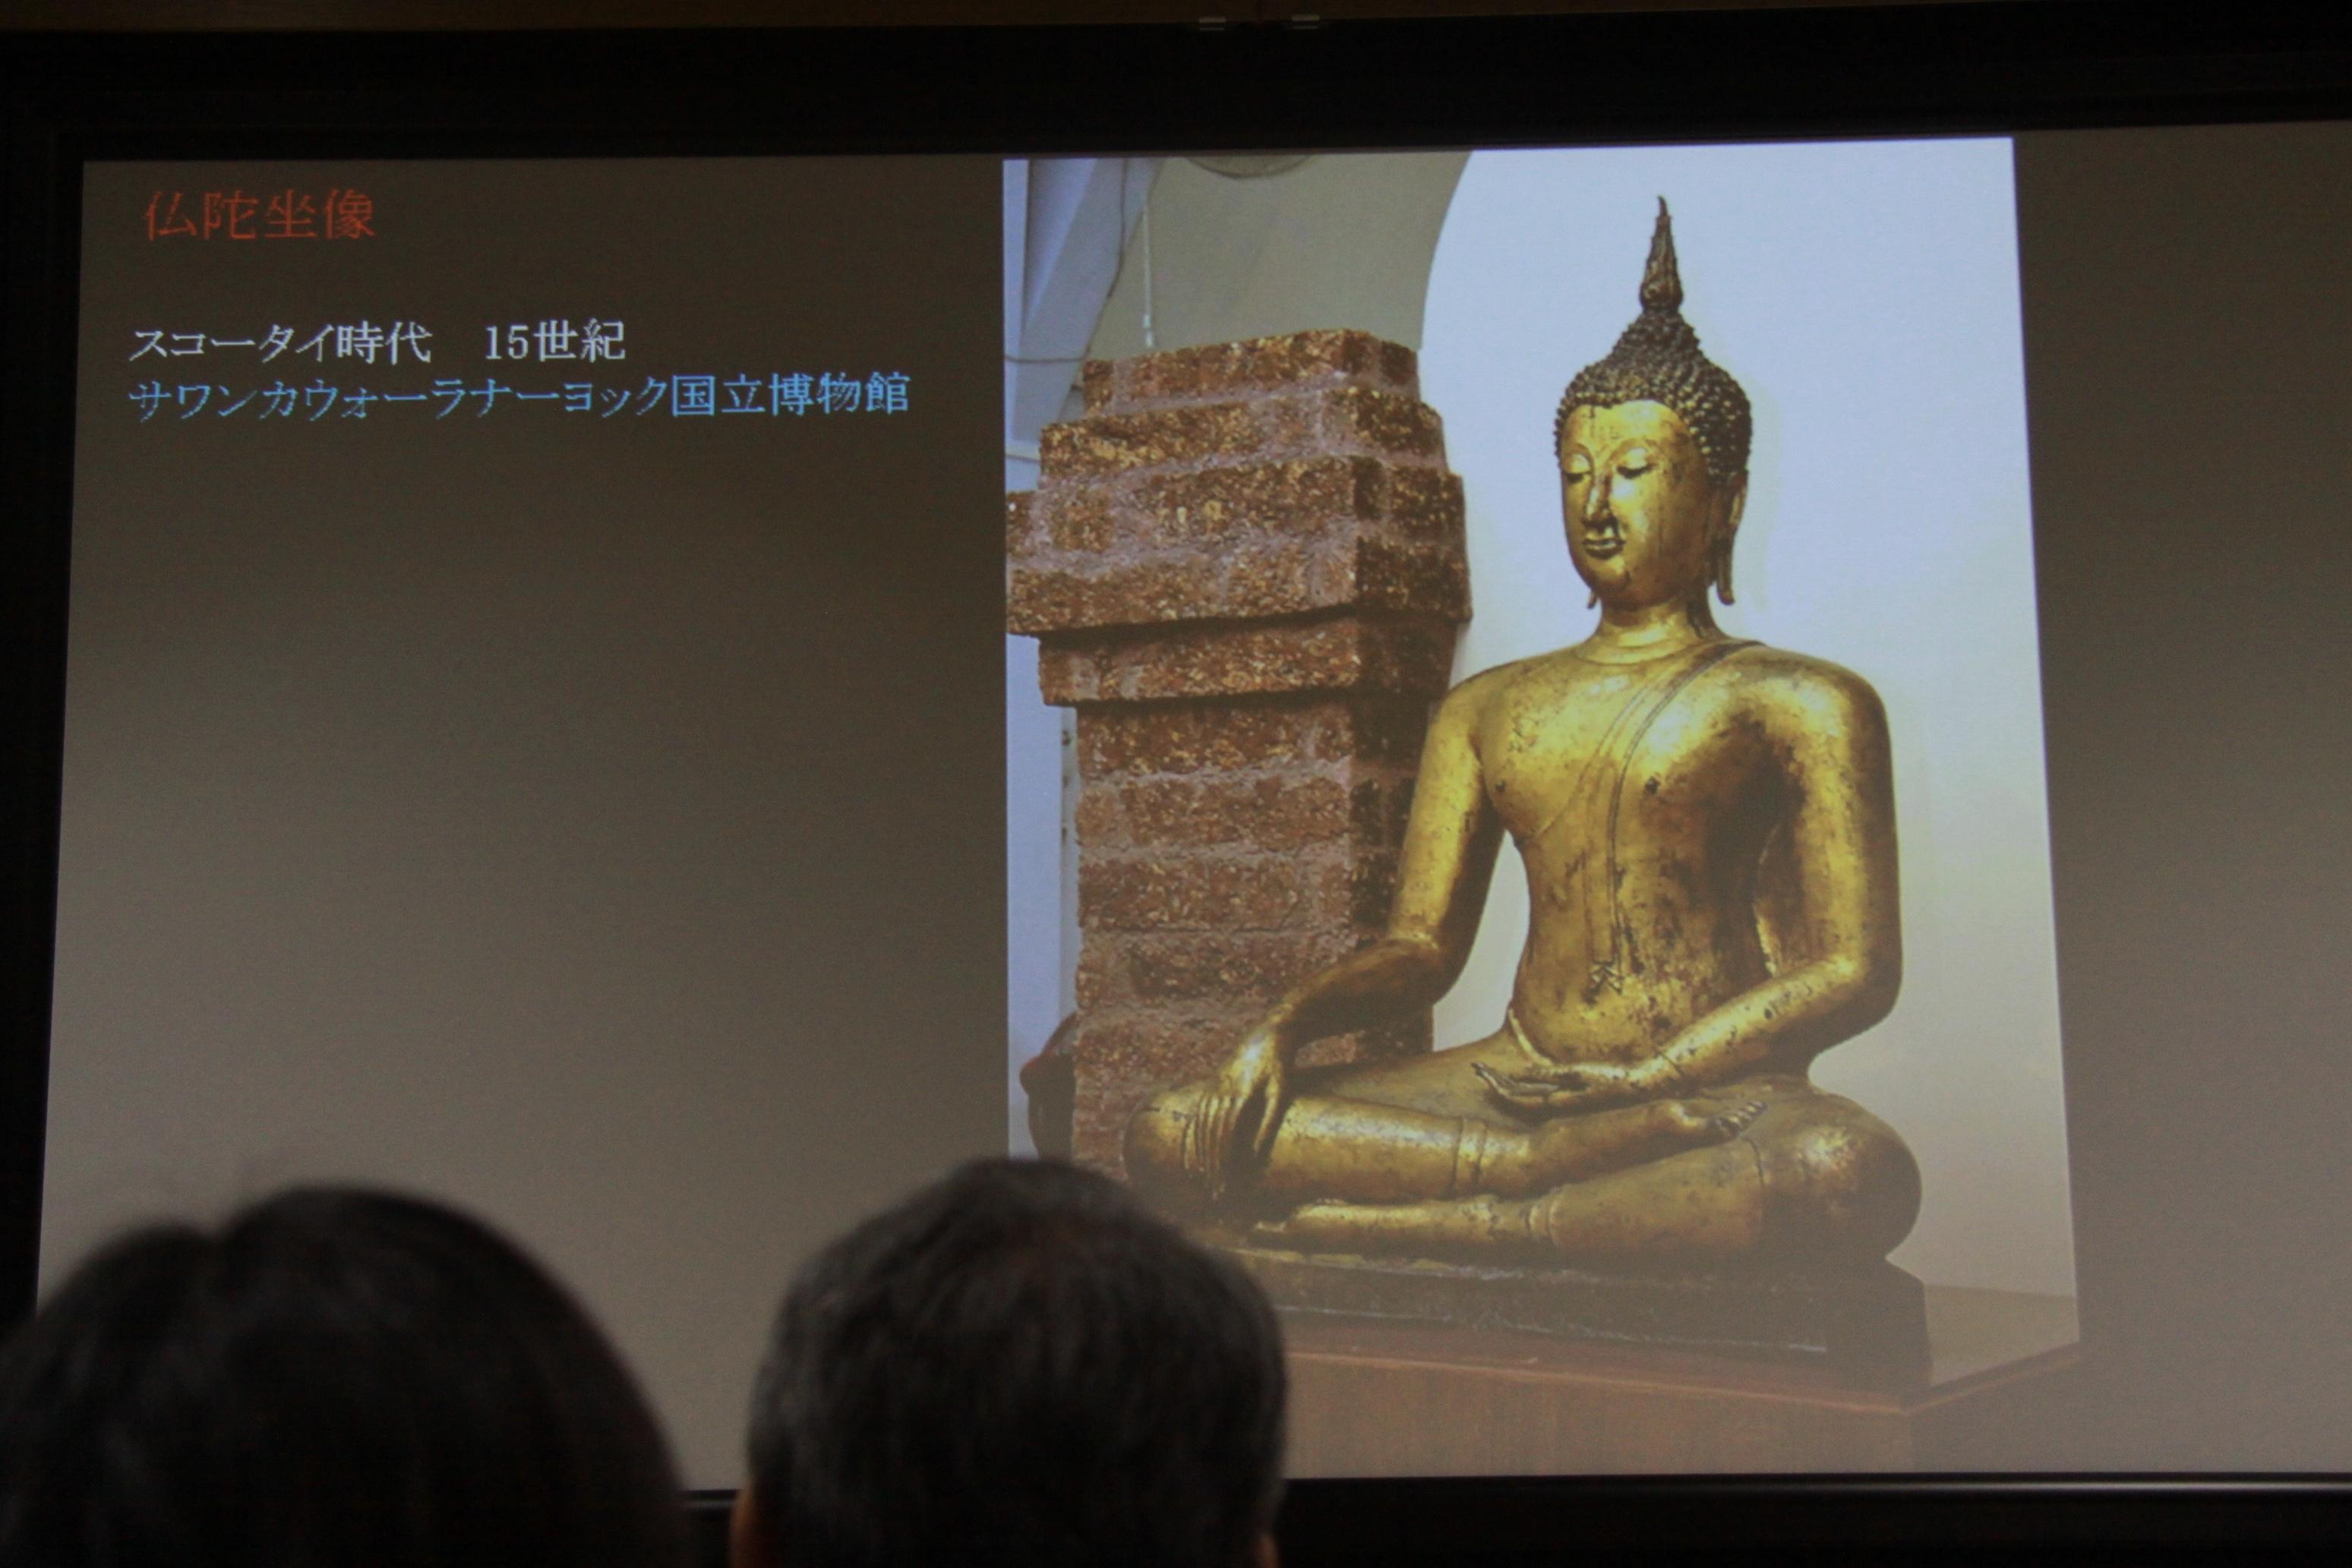 《仏陀坐像》スコータイ時代 15世紀 サワンカウォーラナーヨック国立博物館